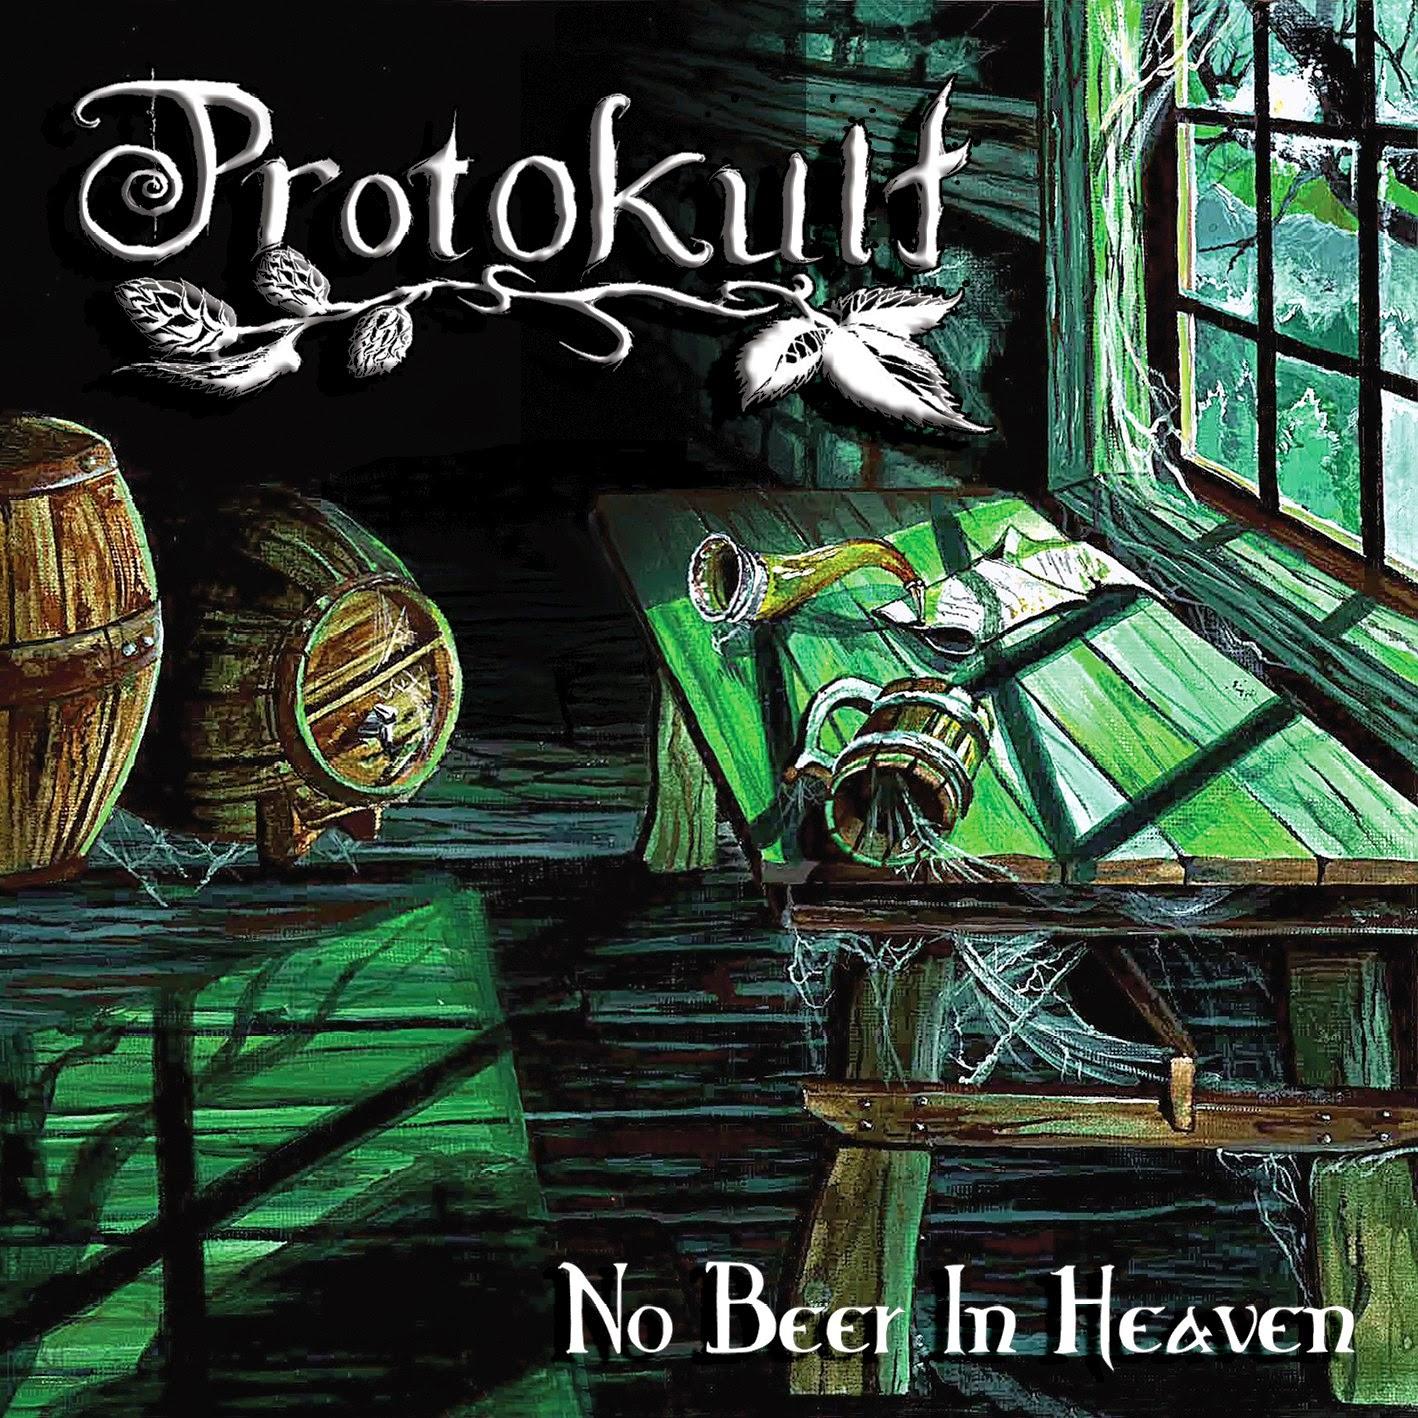 Protokult - No Beer in Heaven